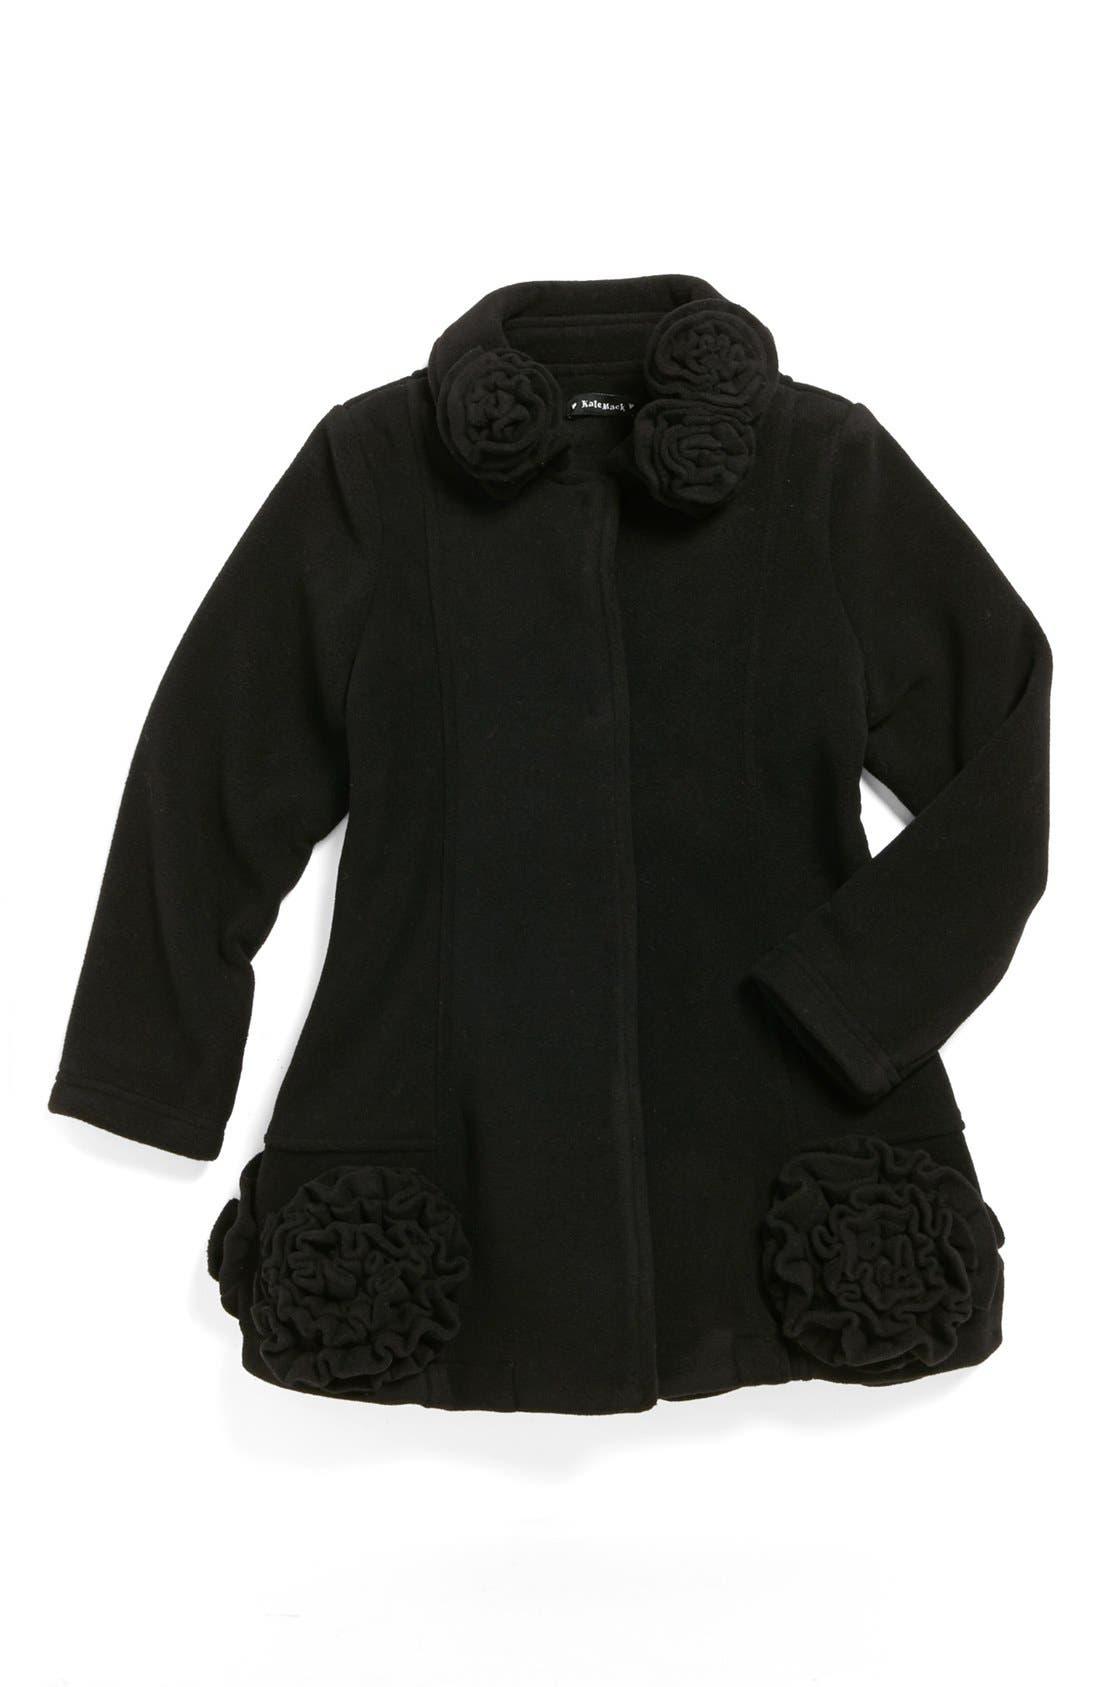 Alternate Image 1 Selected - Kate Mack Rosette Coat (Little Girls)